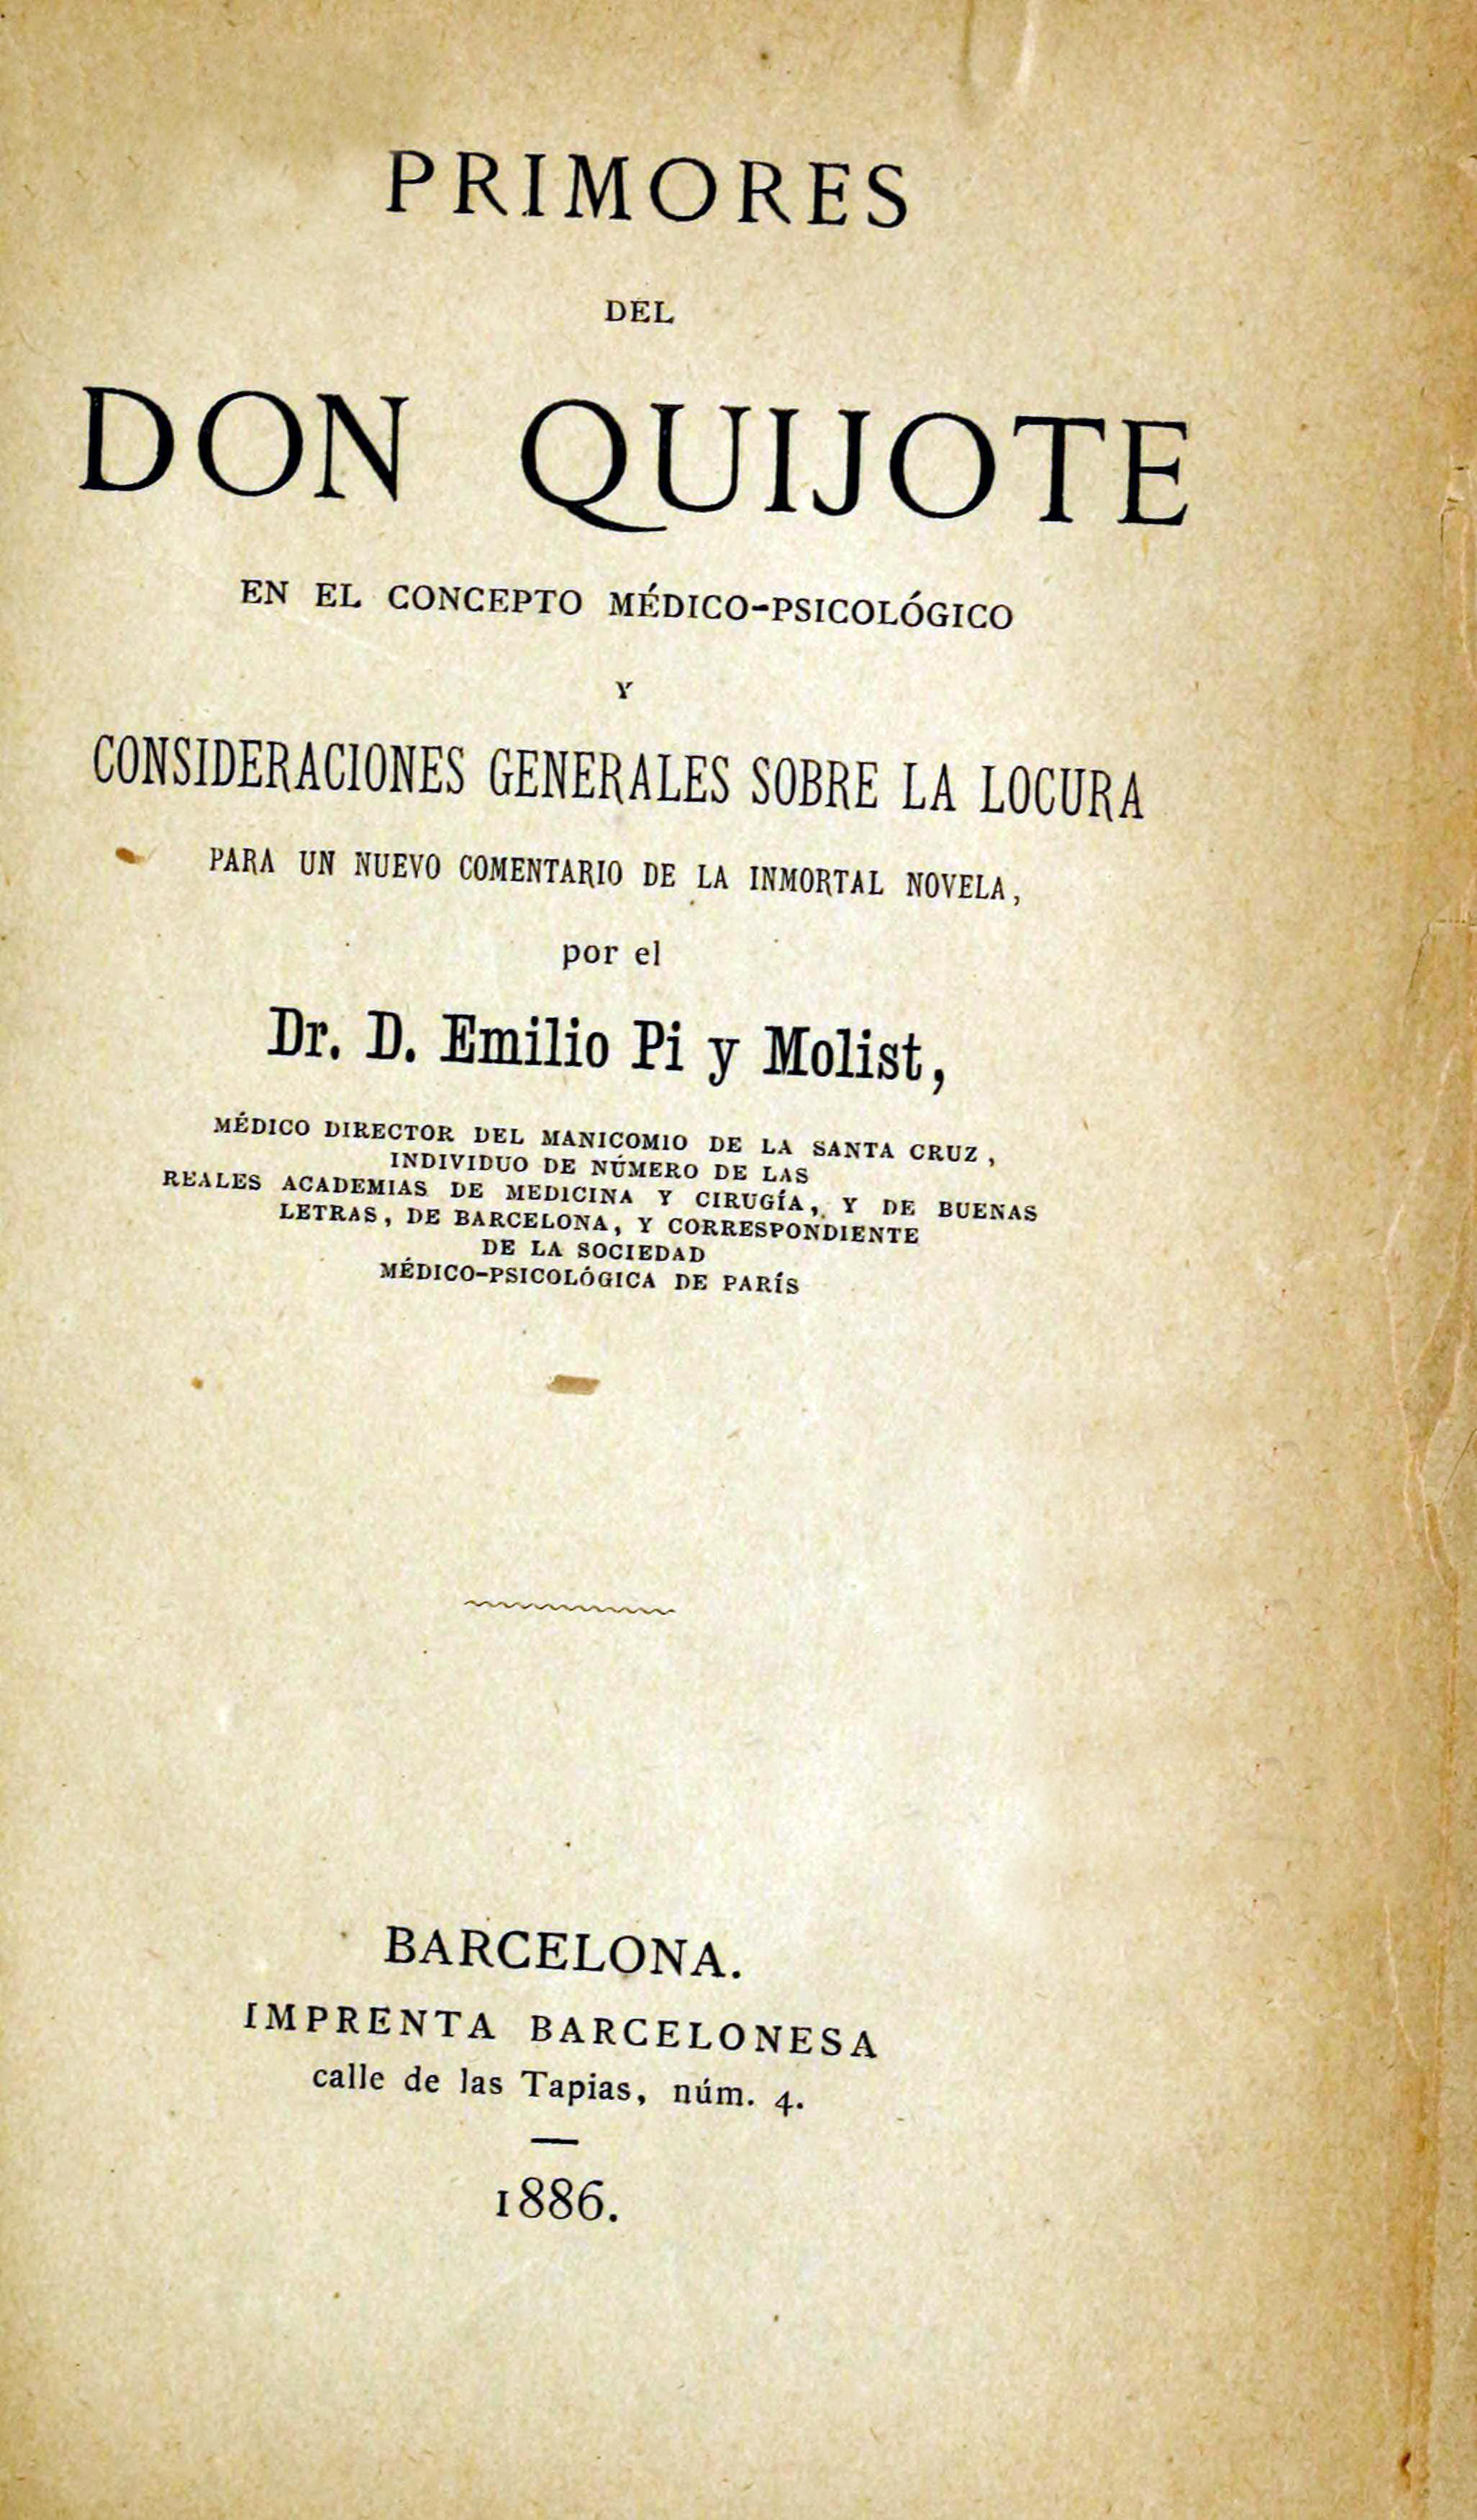 cb28131b5 Archivo:1886, Primores del Don Quijote en el concepto médico-psicológico y  consideraciones